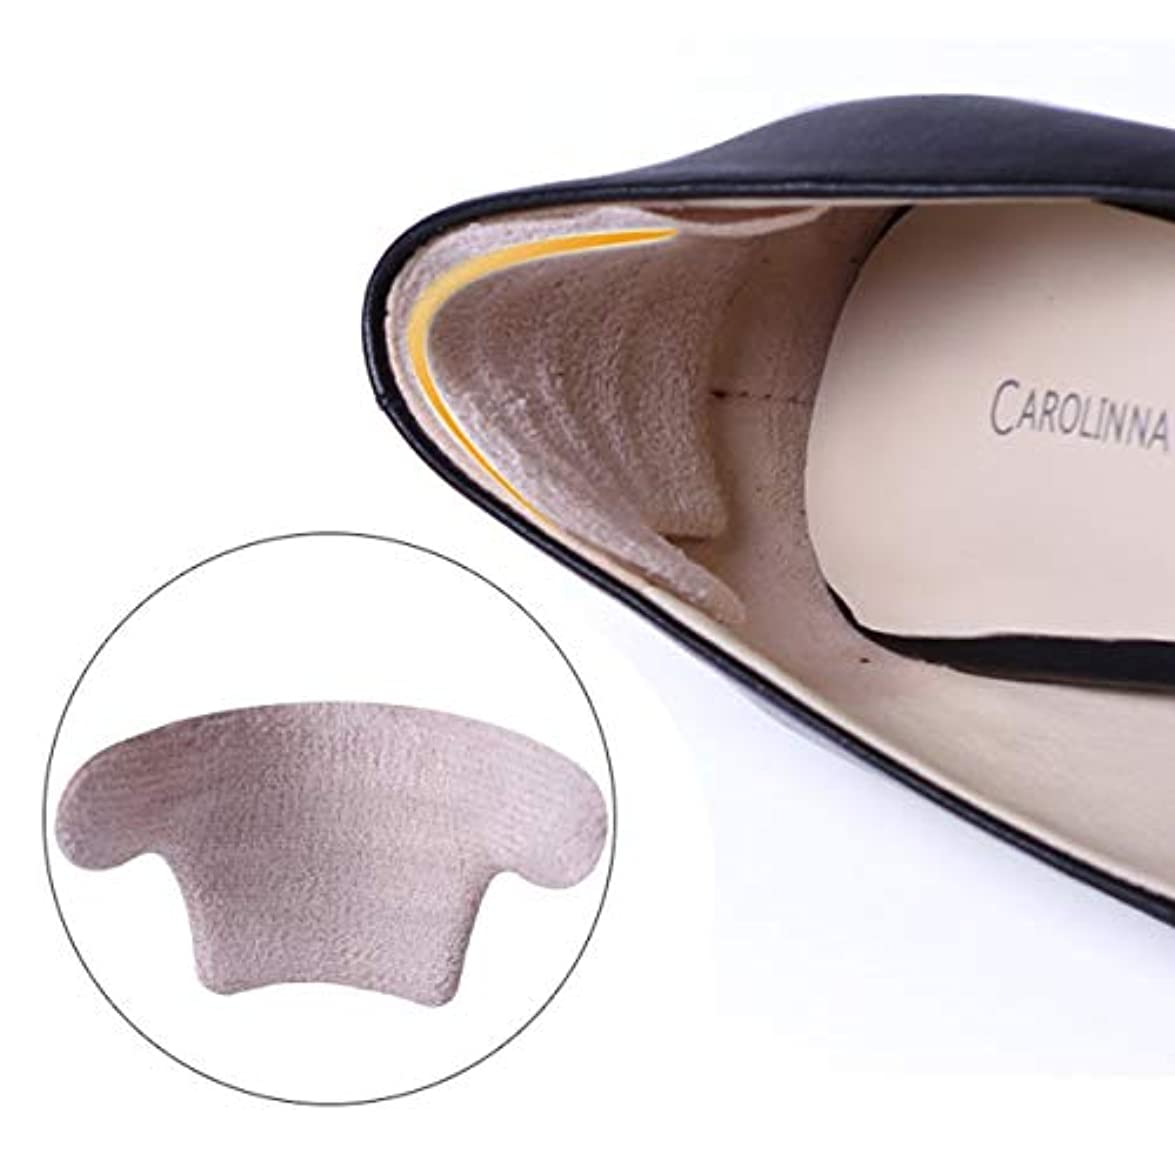 滴下真似る趣味GEL-006 Silicone Moisturizing Gel Heel Socks Cracked Foot Skin Care Protect Foot Chapped Care Tool Health Monitors...